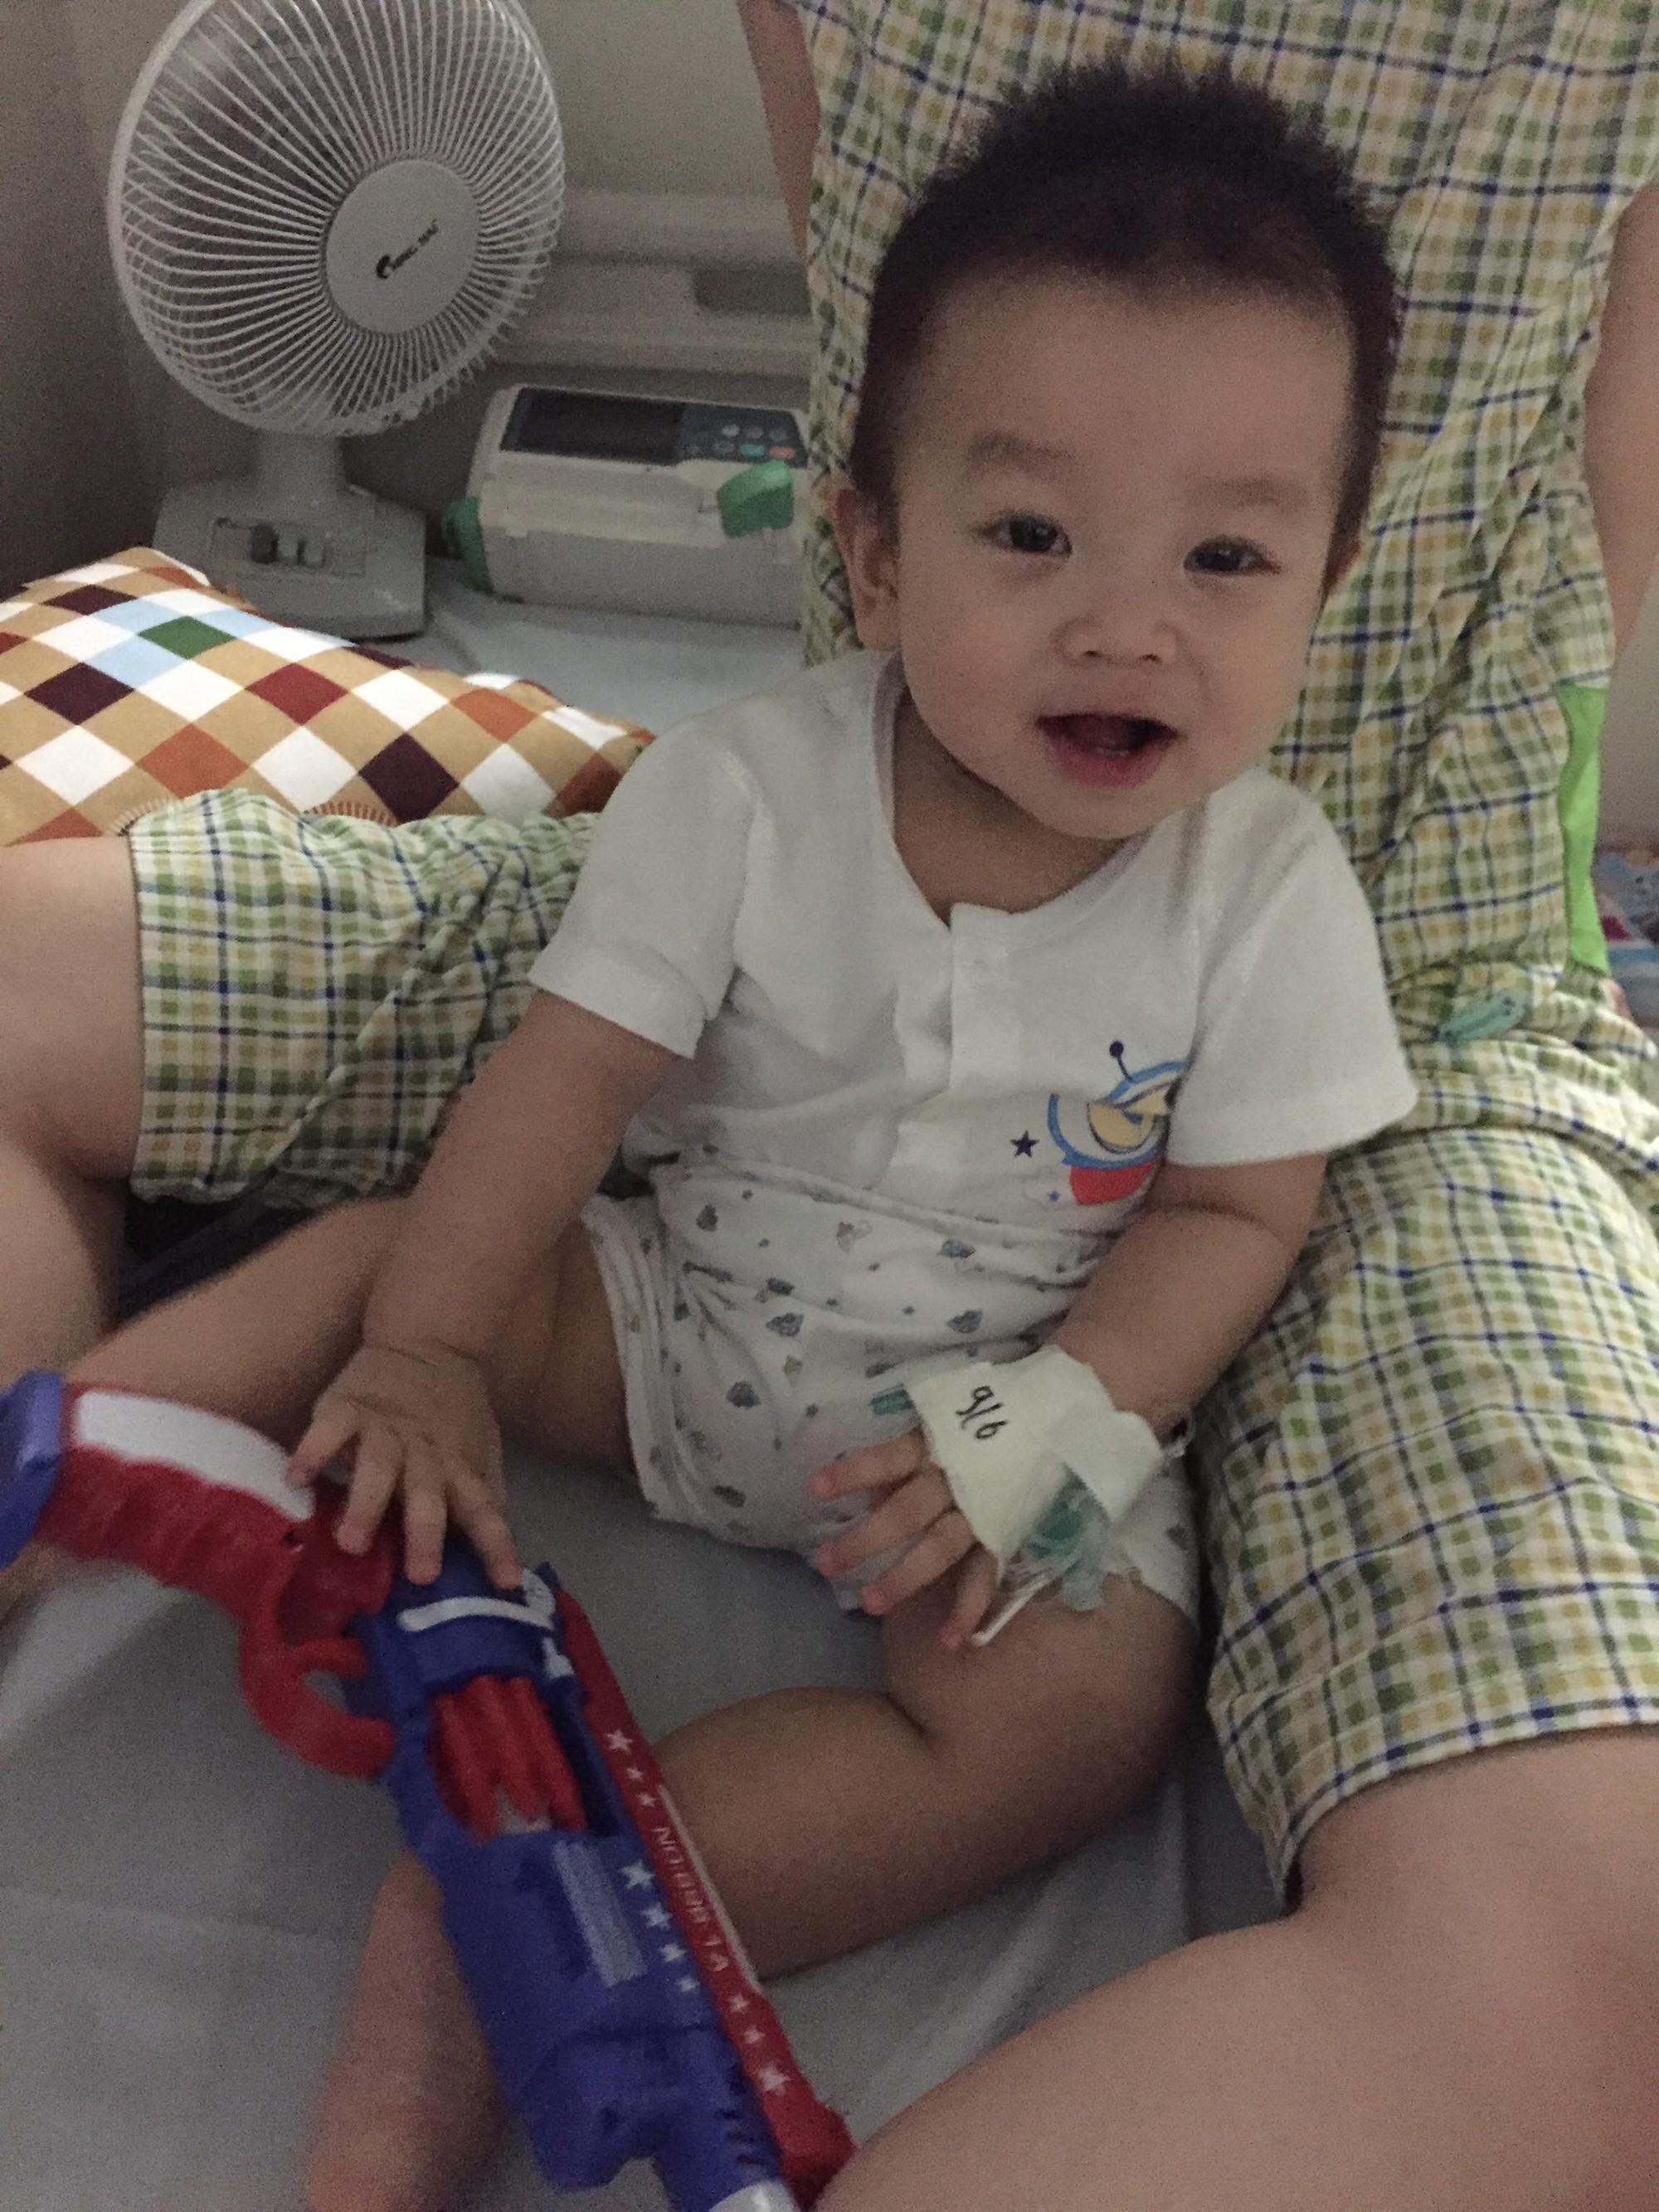 Tưởng chỉ bị đau chân bình thường, ai ngờ bé 10 tháng tuổi mắc phải căn bệnh lạ ở trẻ em - Ảnh 4.